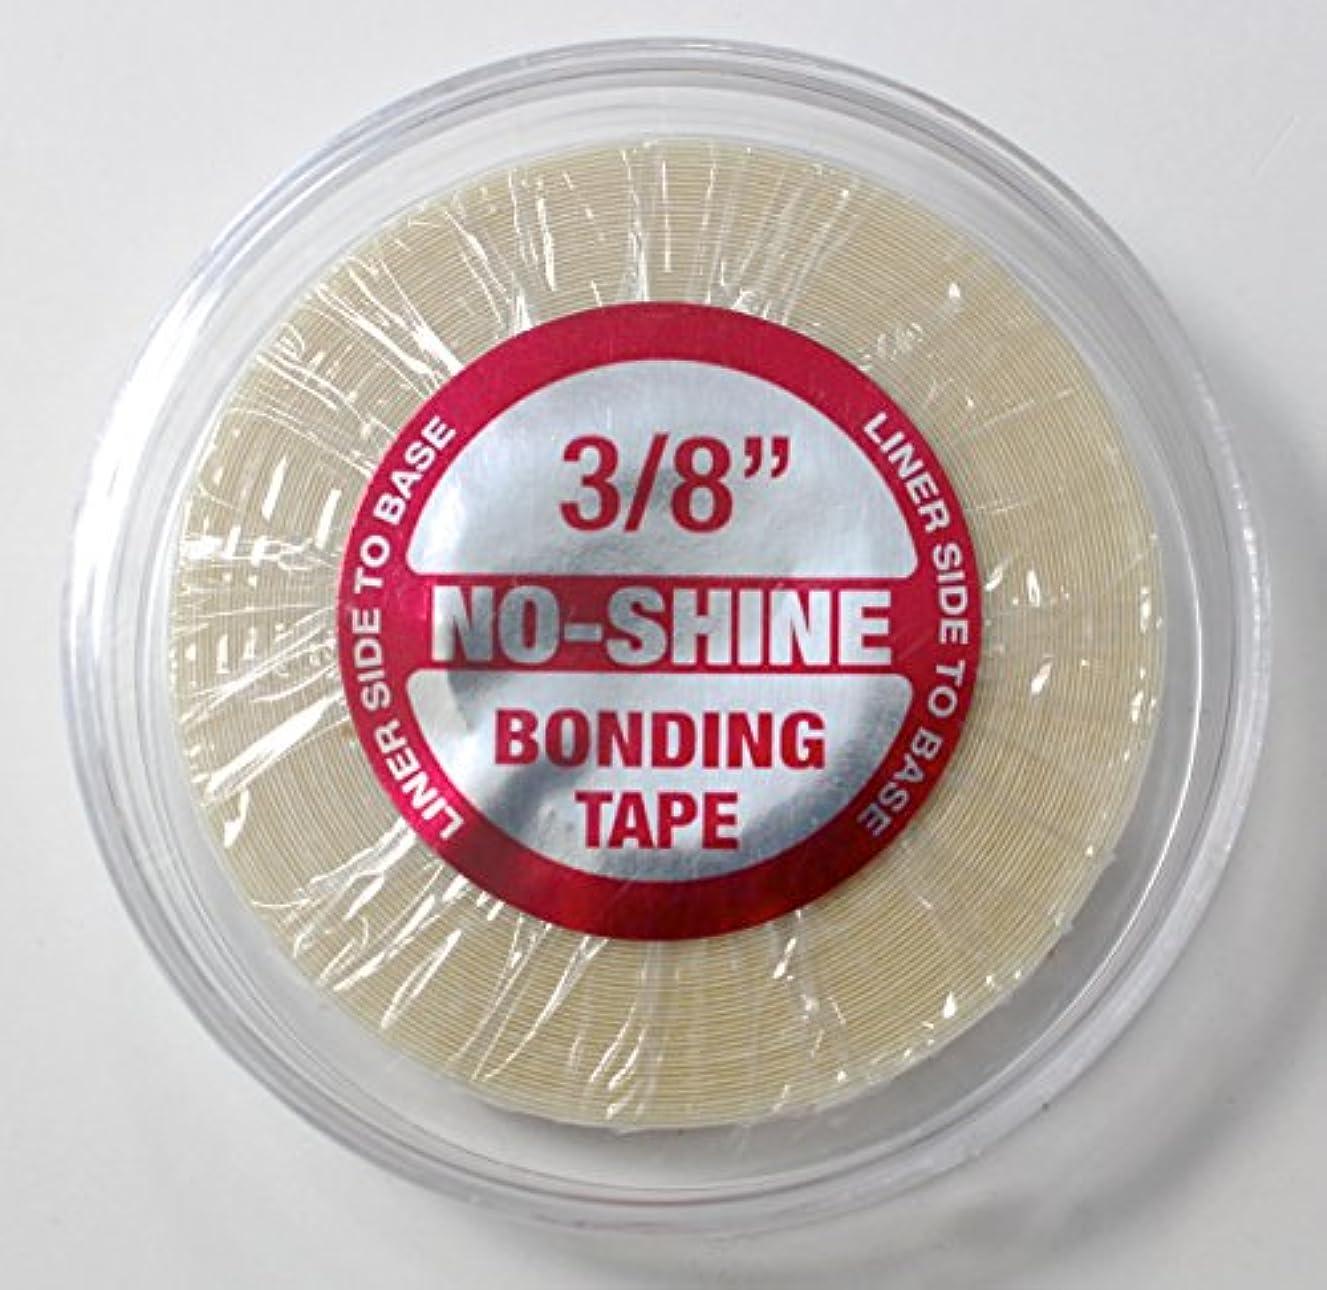 No Shine 3/8